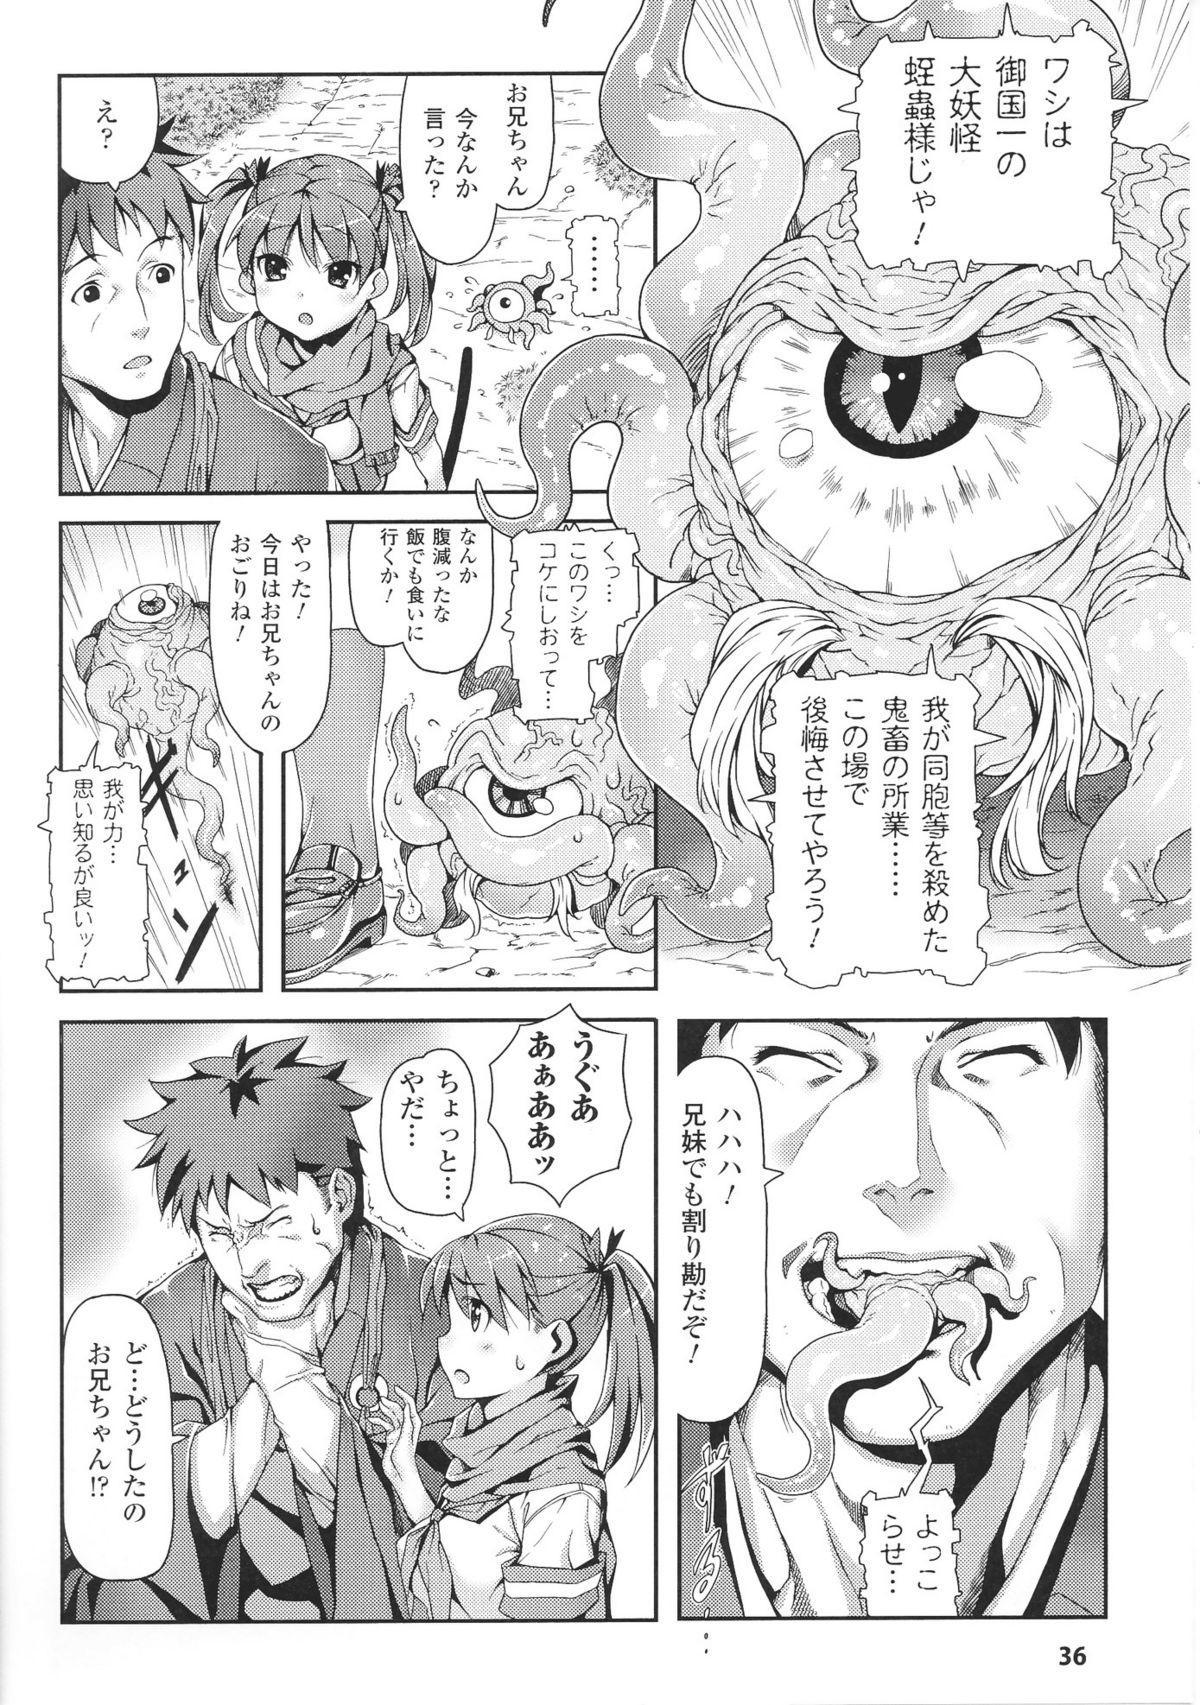 Toushin Engi Vol. 5 37